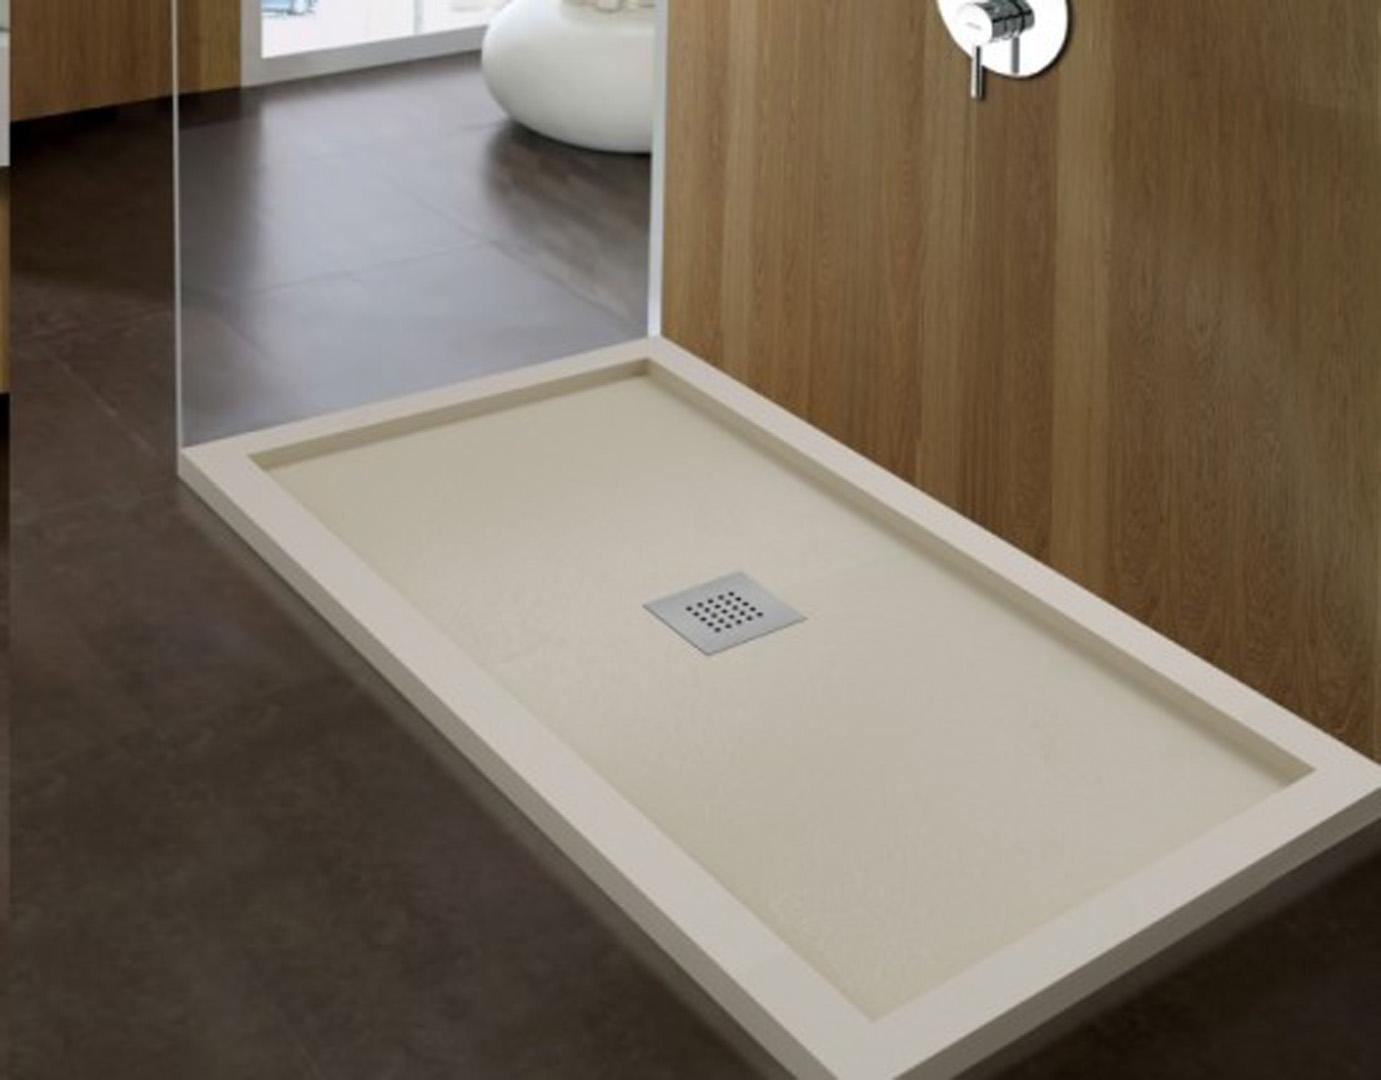 Plato de ducha pizarra enmarcado | Casa Maravilla